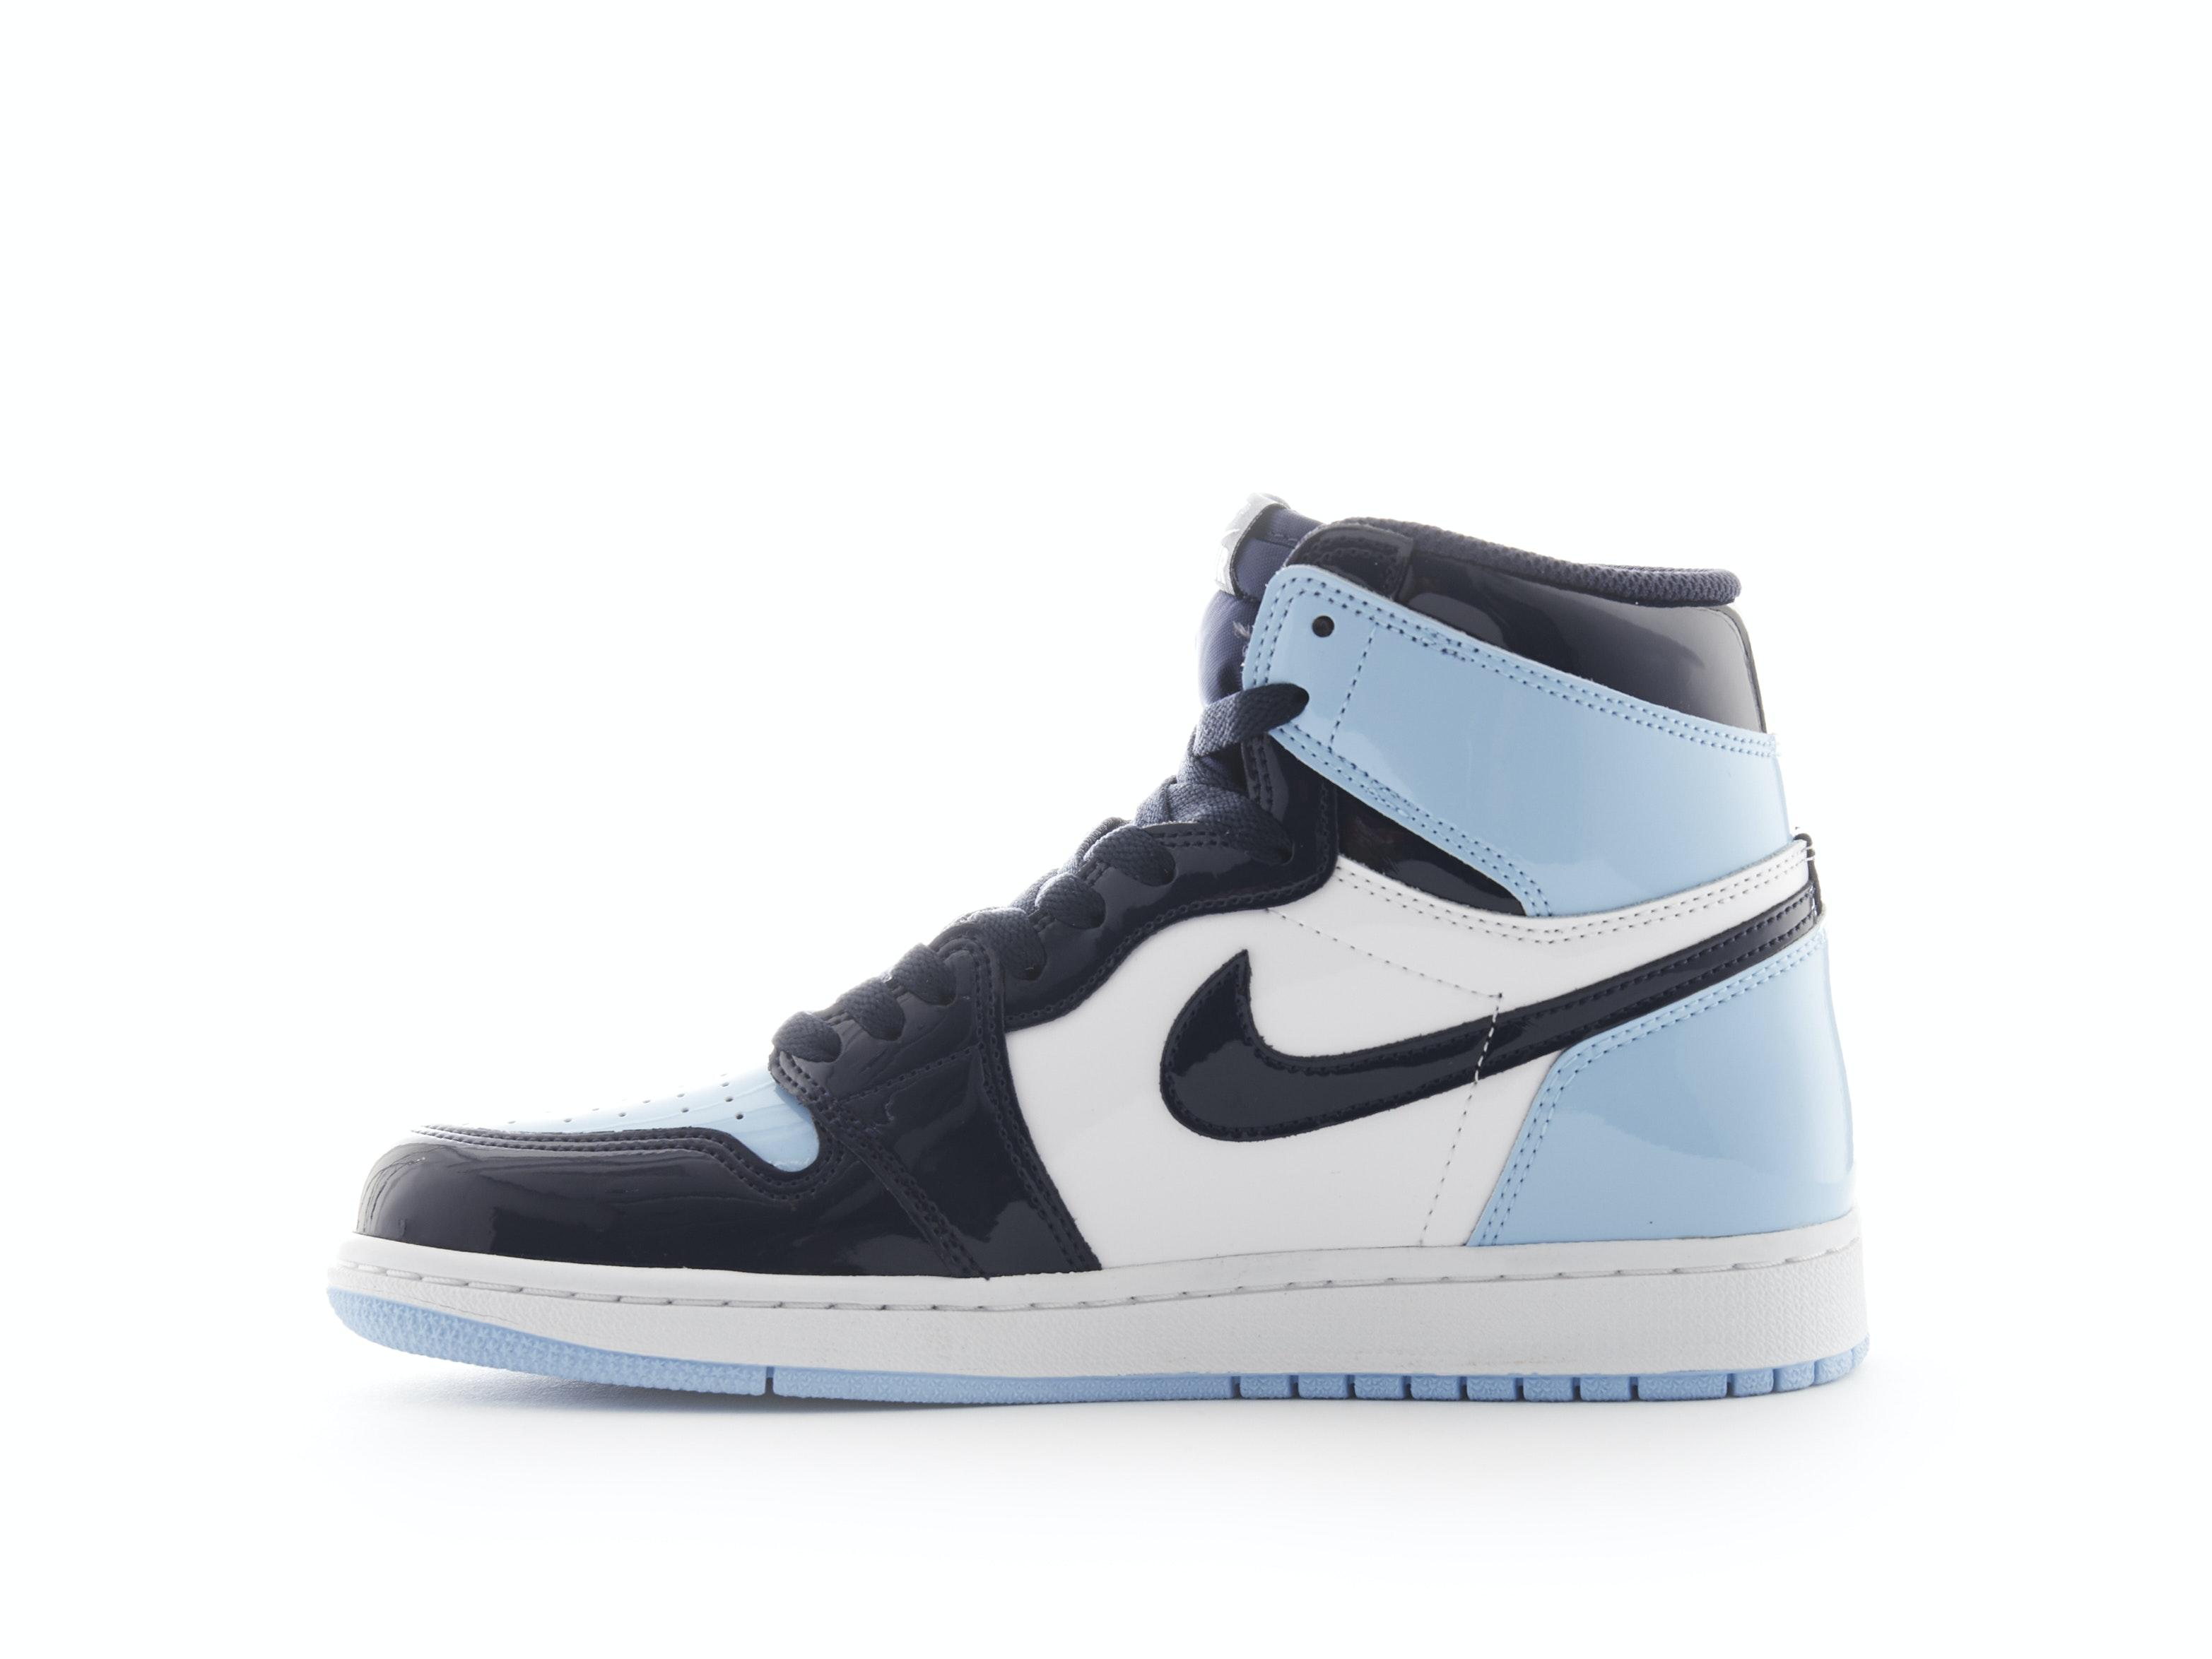 meet b8e9b a1f63 Air Jordan 1 Patent Leather UNC (W)